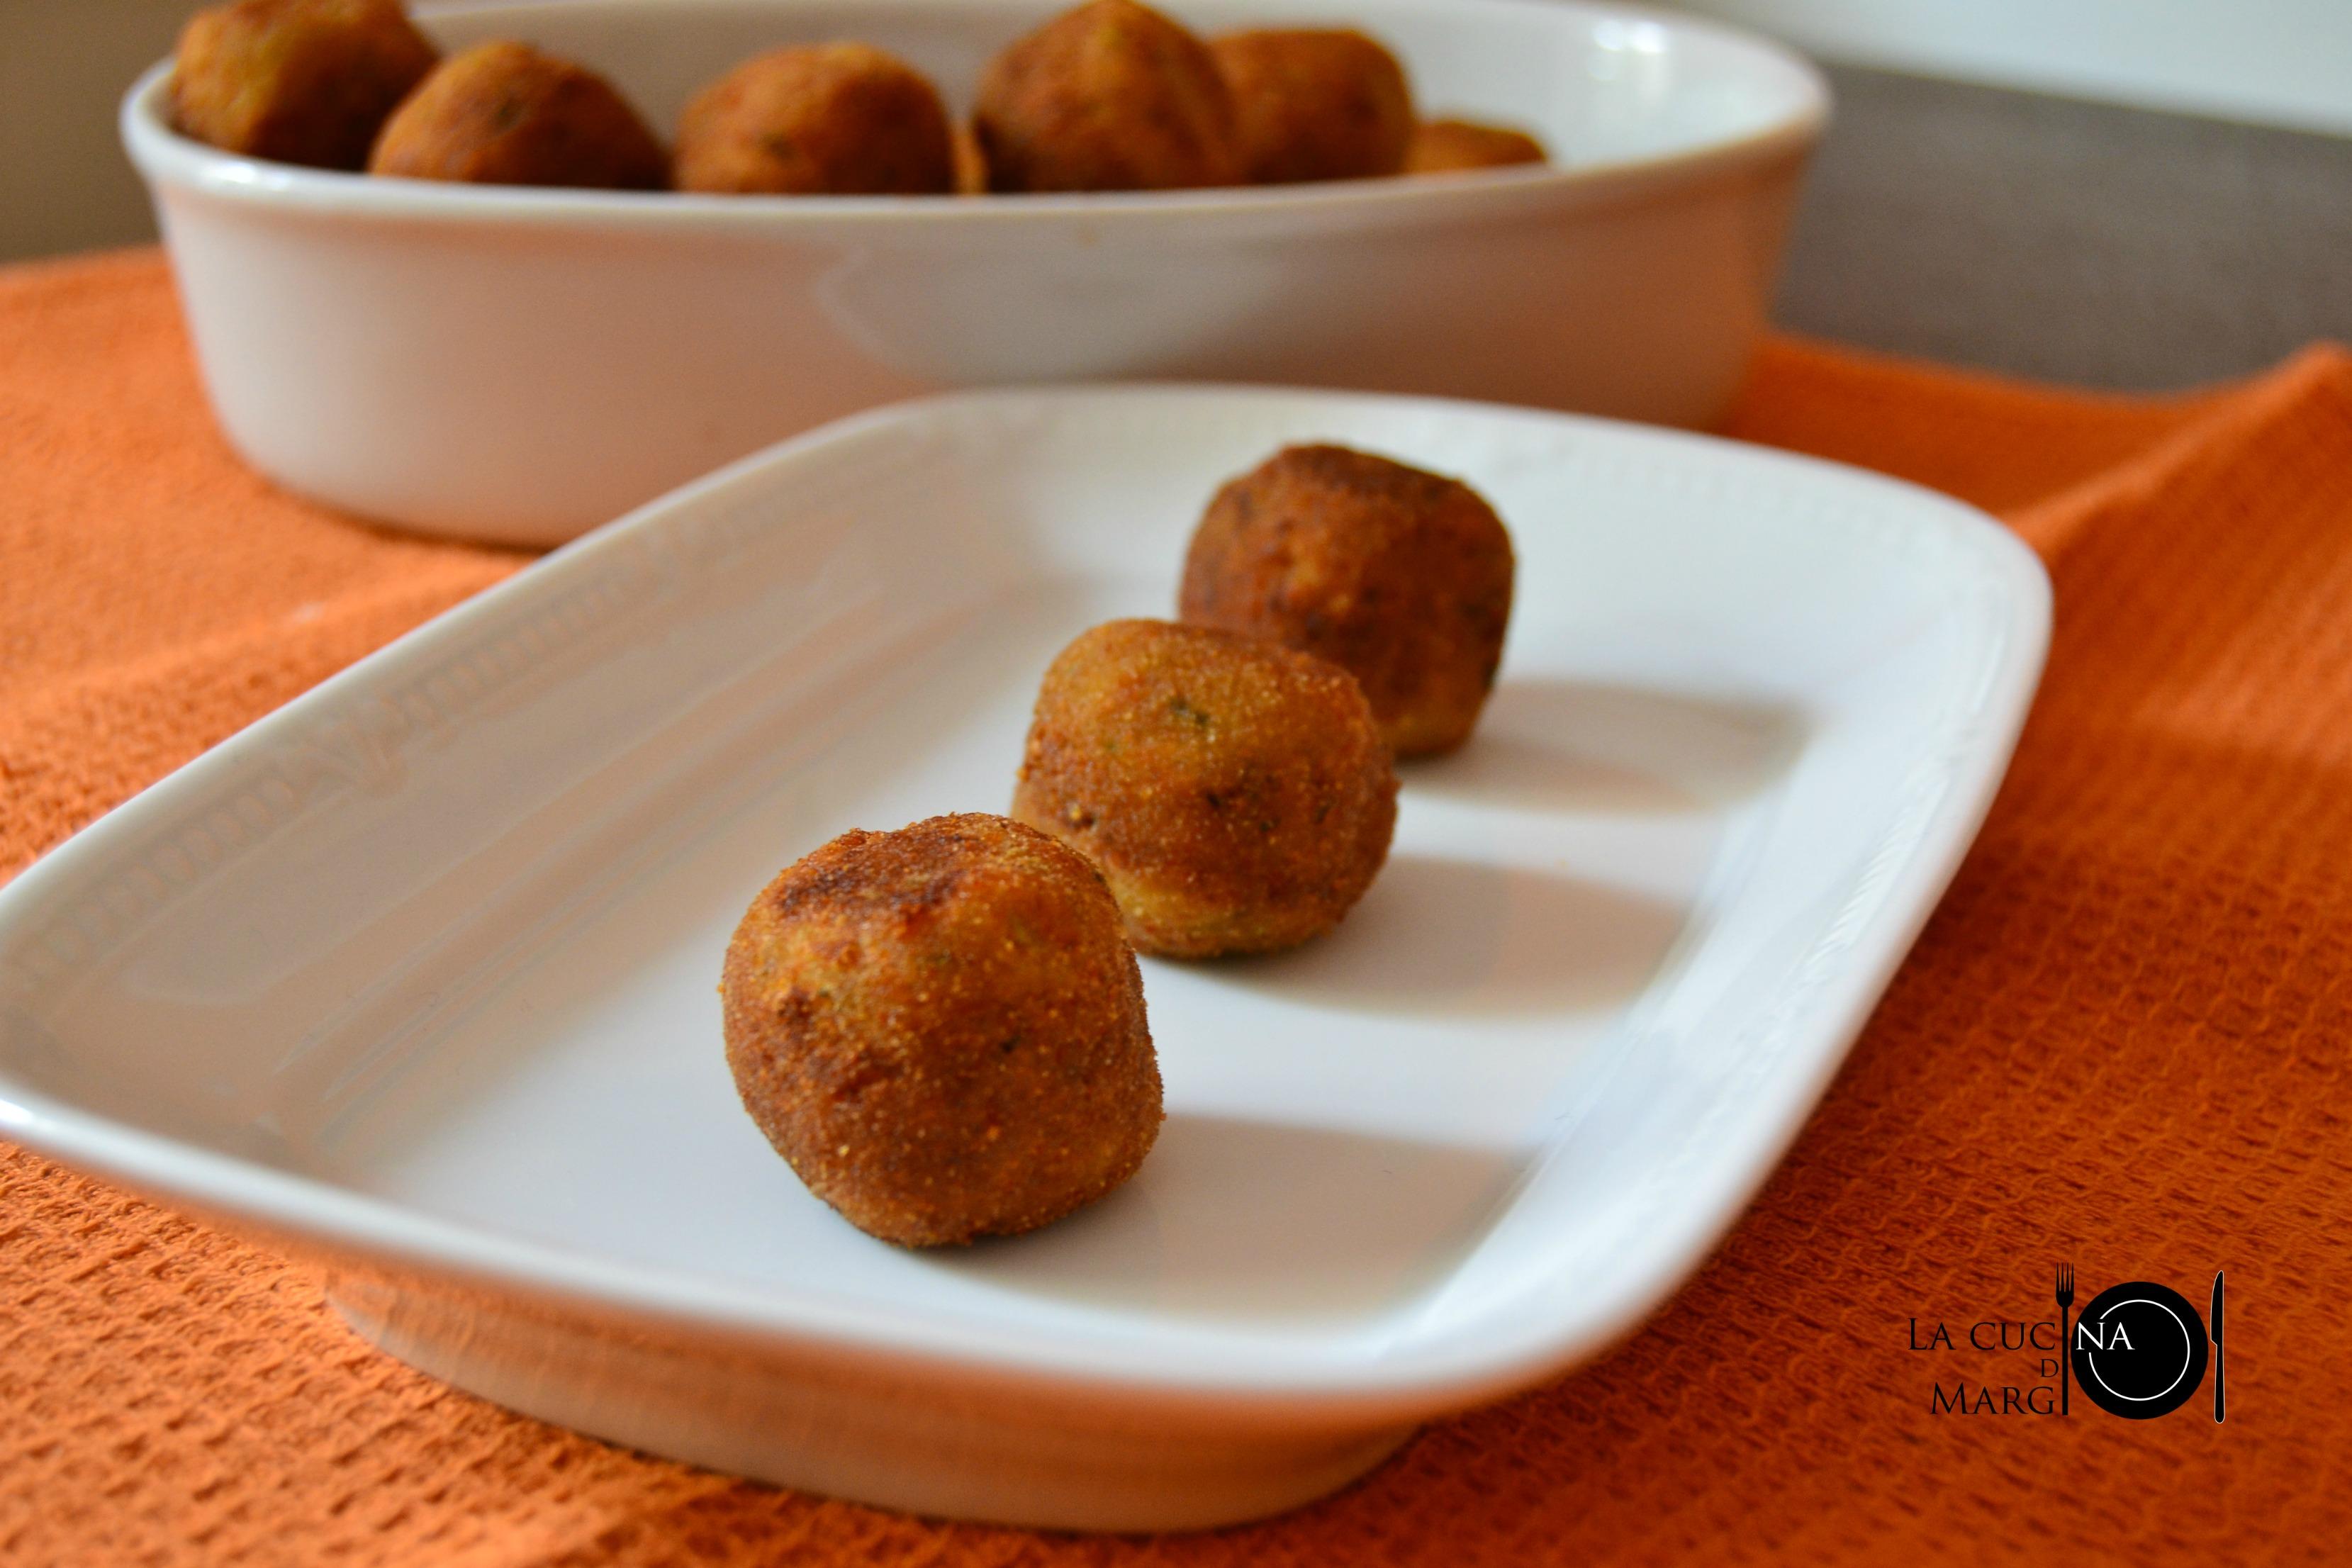 Polpette di patate e zucchine   09   LOGO   DSC_0040